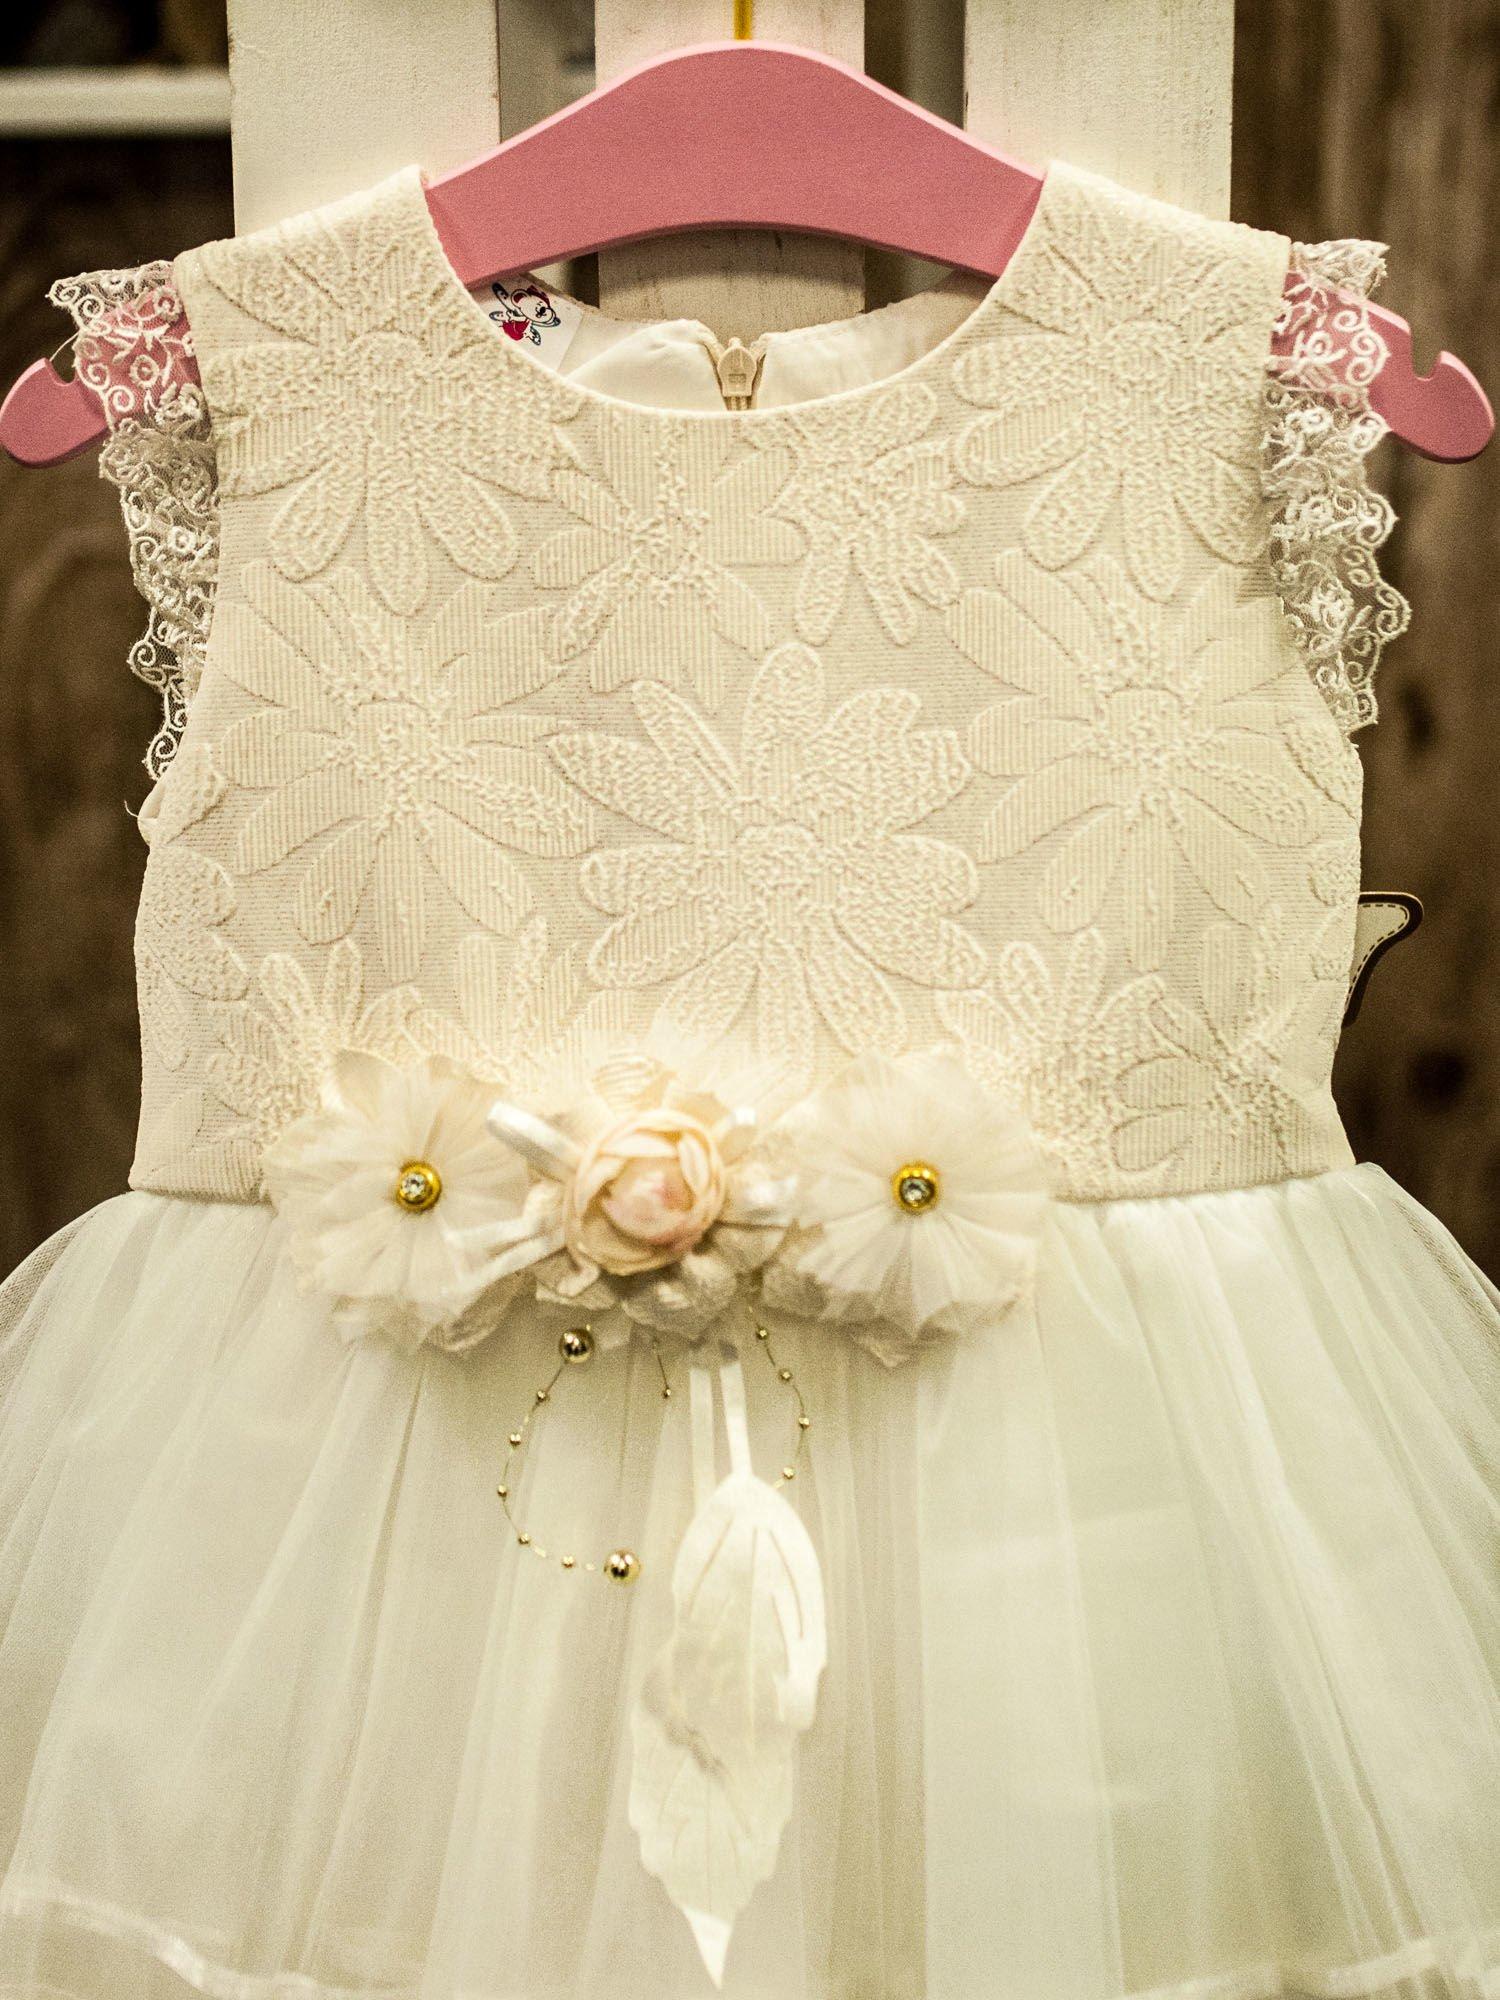 85aa5efb5f Ecru wizytowa sukienka dla dziewczynki z odpinaną różyczką - Dziecko ...